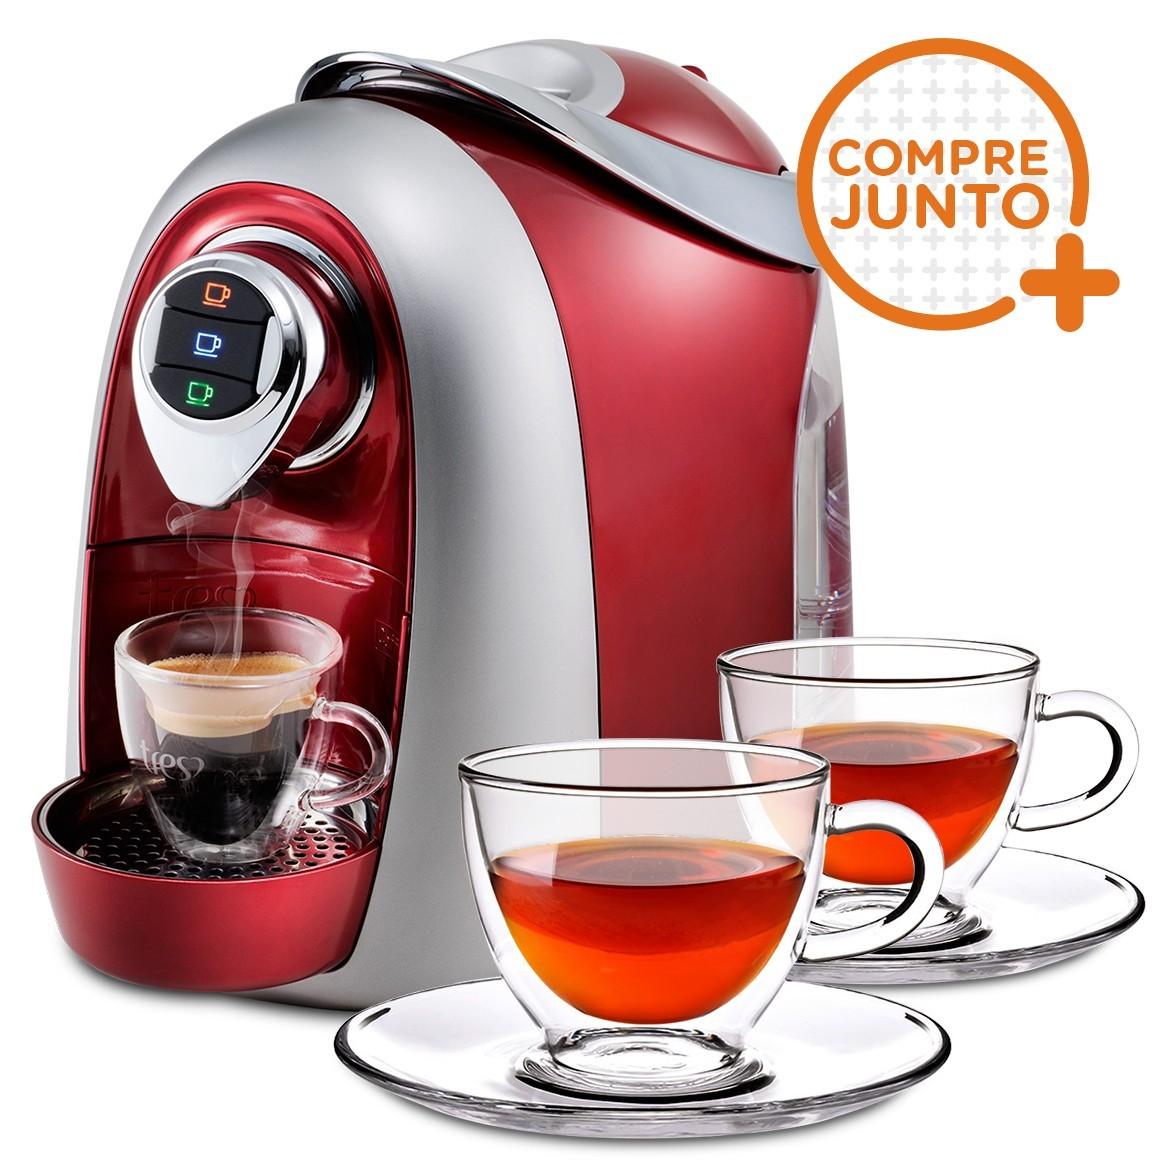 Cafeteira Expresso Três Corações Modo Vermelha 220v + 2 Xícaras para Chá em Vidro Duplo 250ml